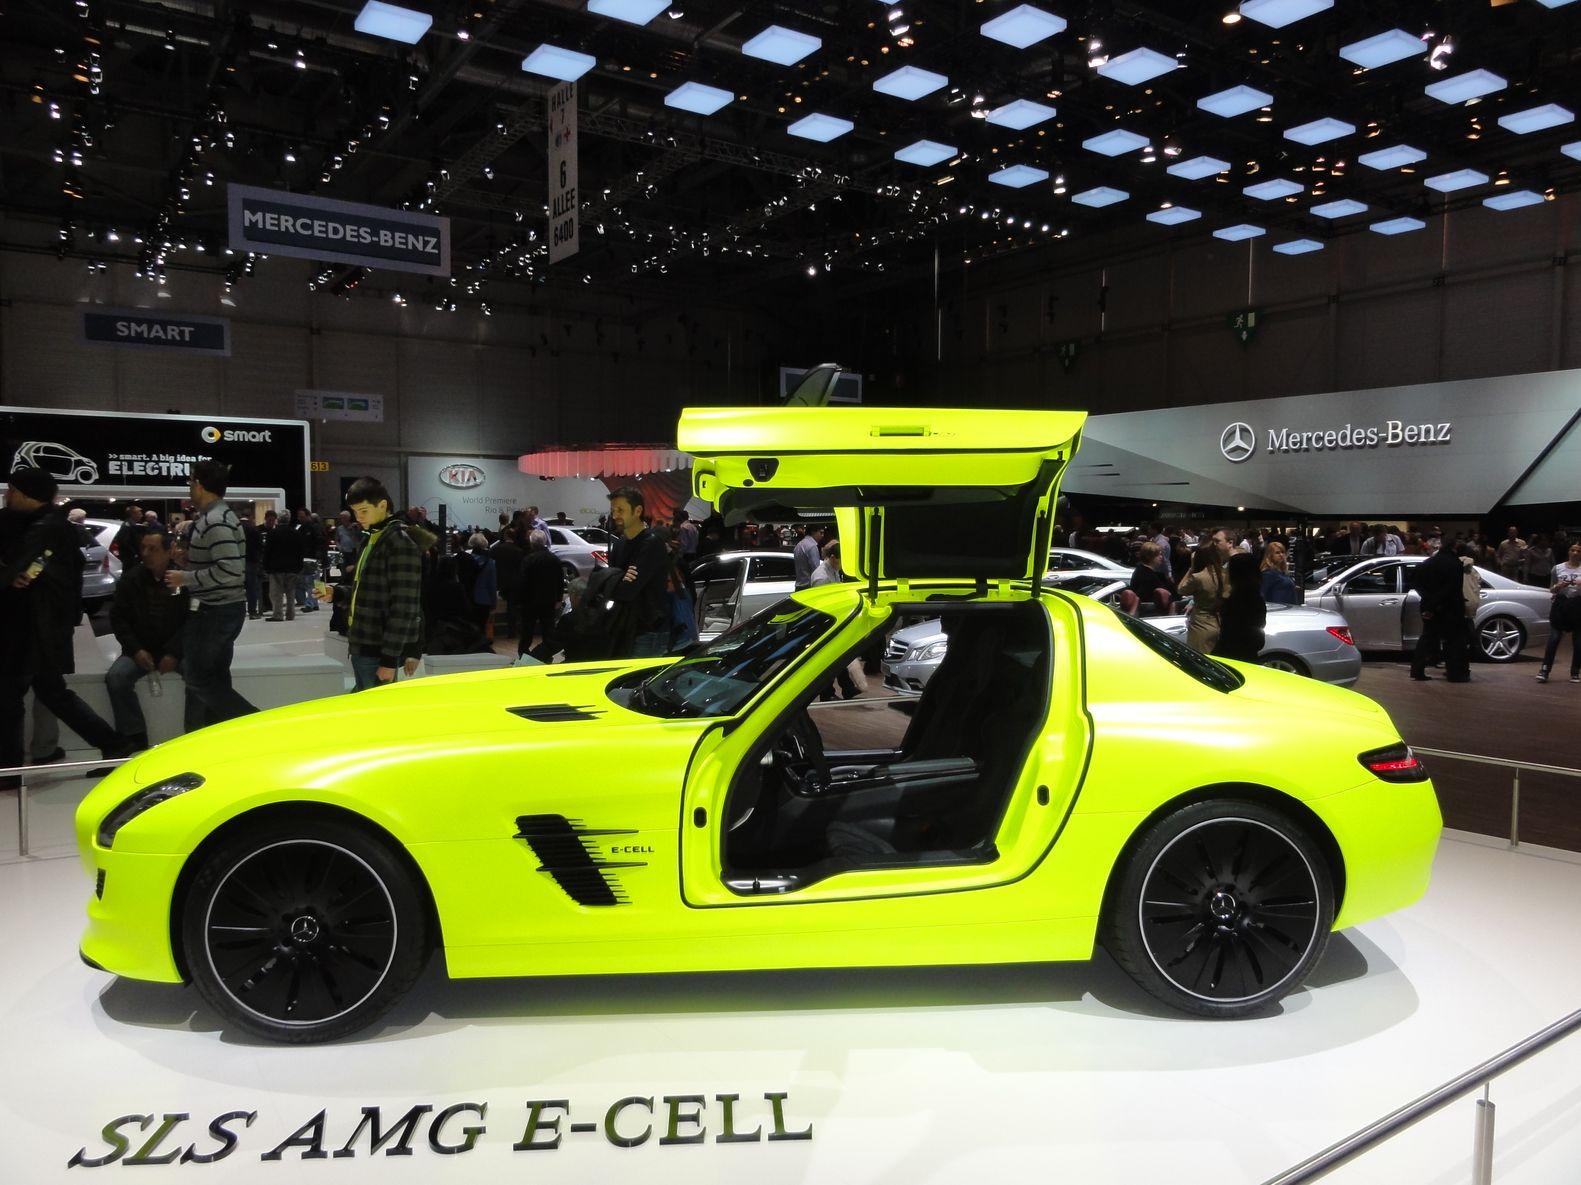 Autoalmanach les marques mercedes benz automobiles pkw for Salon automobile allemagne